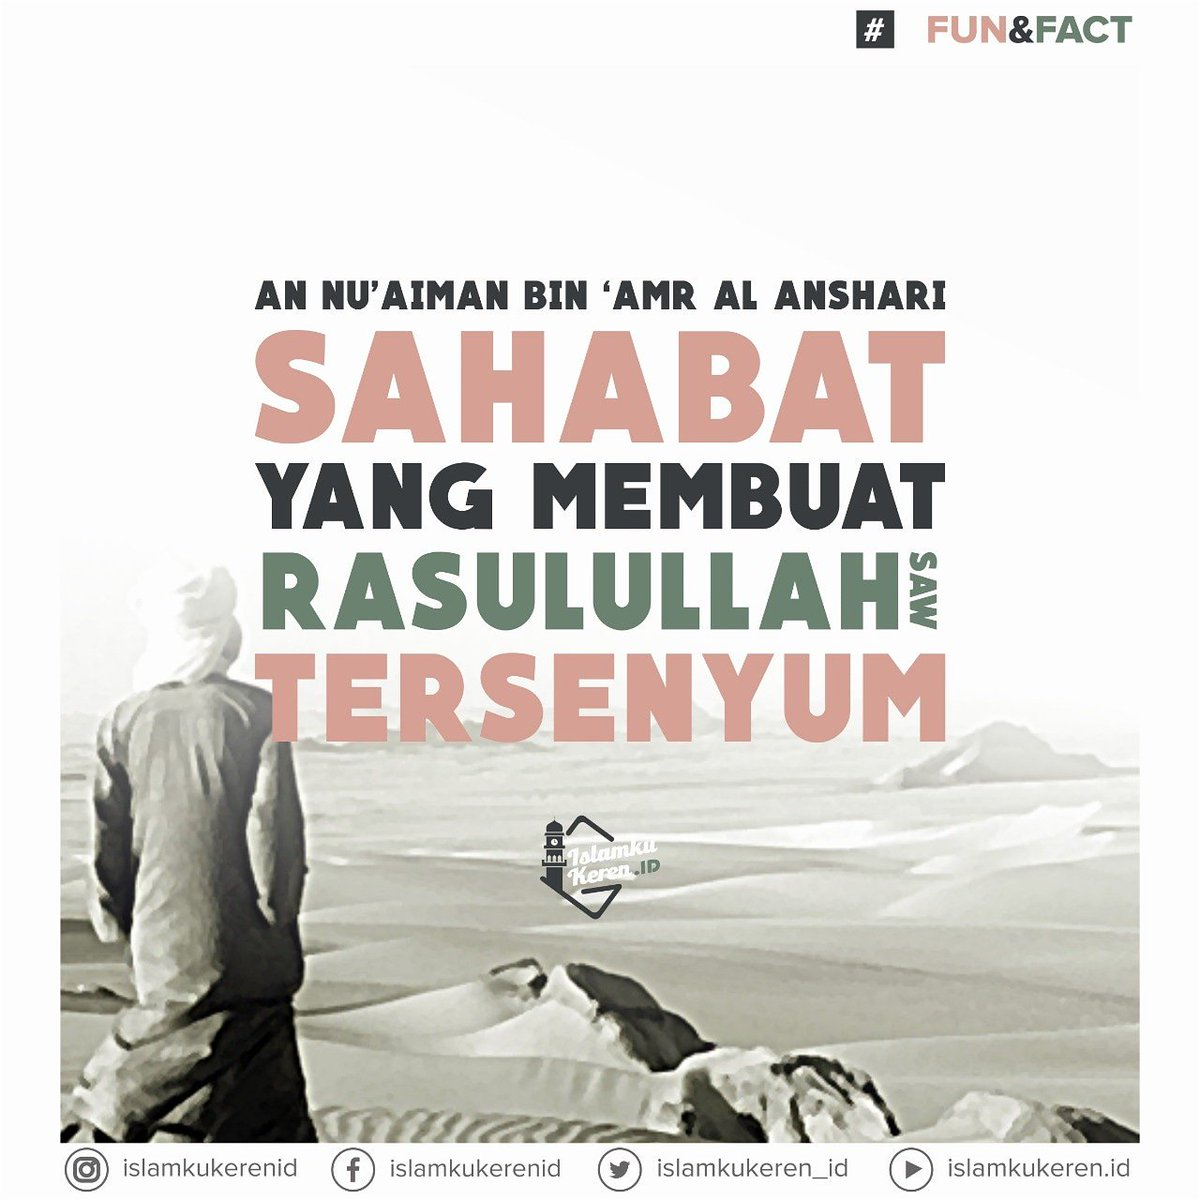 An Nu'aiman Bin 'Amr al Anshari: Sahabat yang membuat Rasulullah saw tersenyum. #IslamDamai #IslamKuKeren @khuddamID @LajnahIndonesia